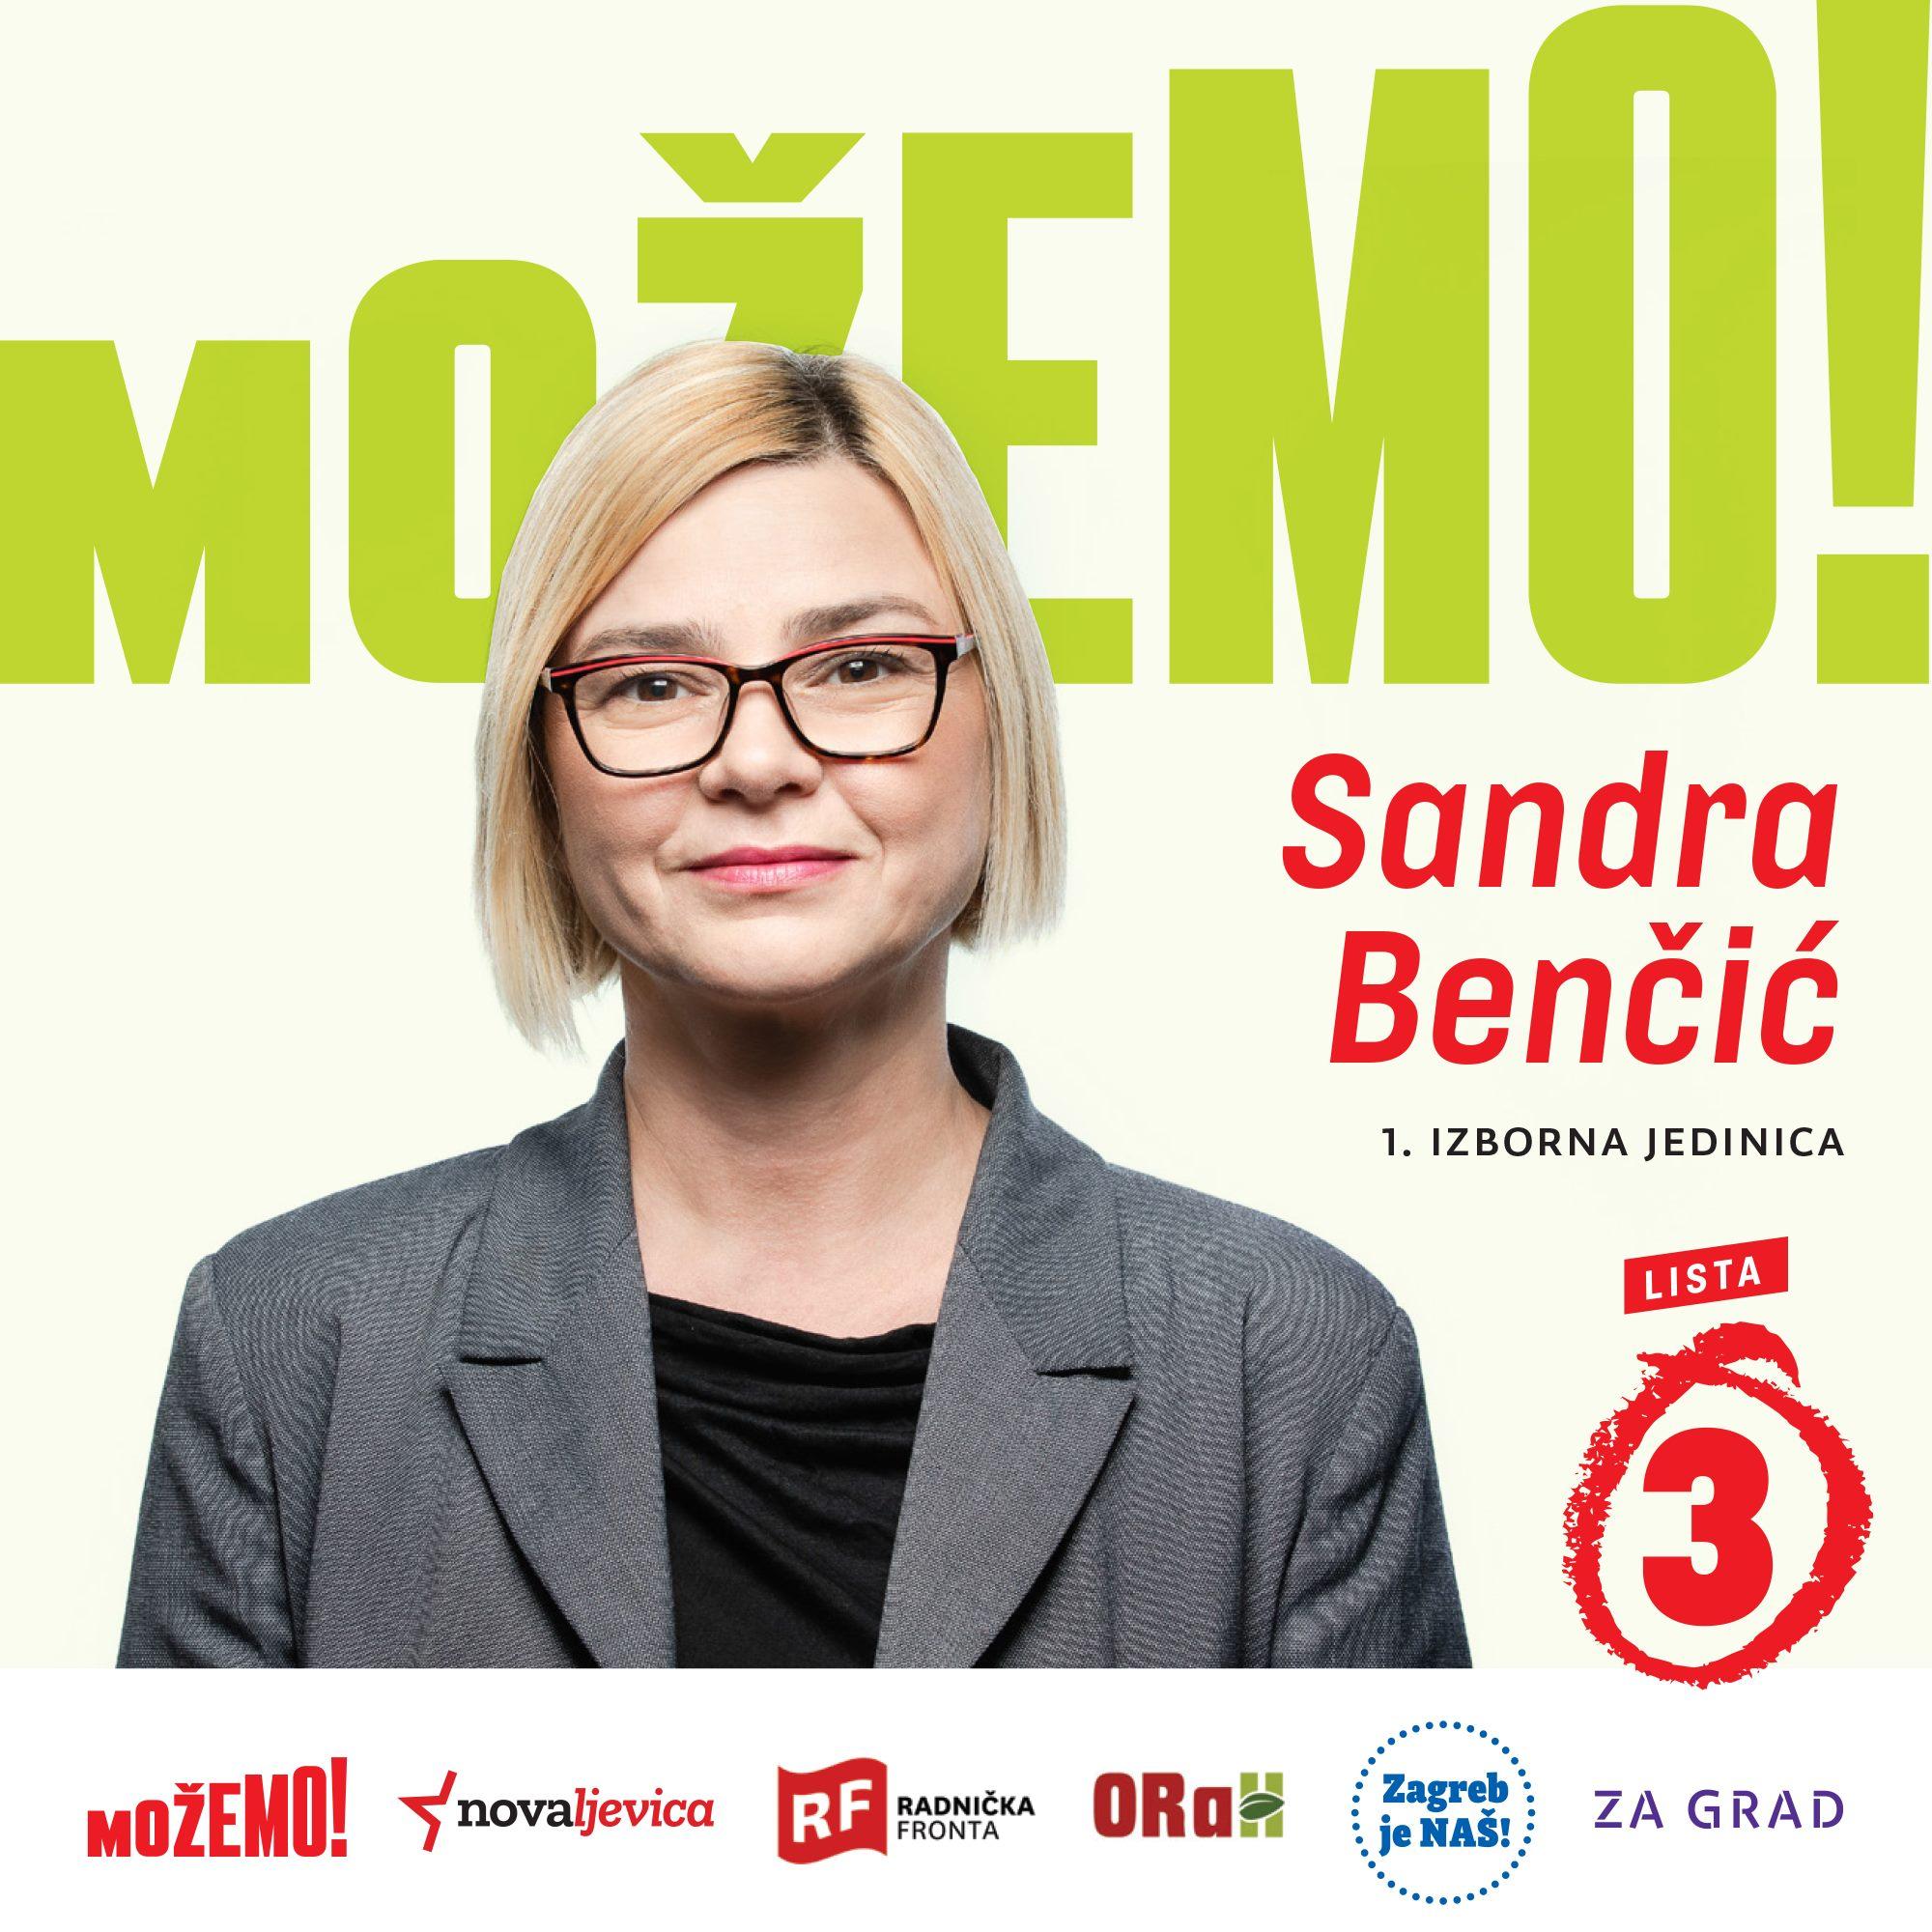 Predstavljamo drugu na našoj listi u 1. izbornoj jedinici – Sandru Benčić!